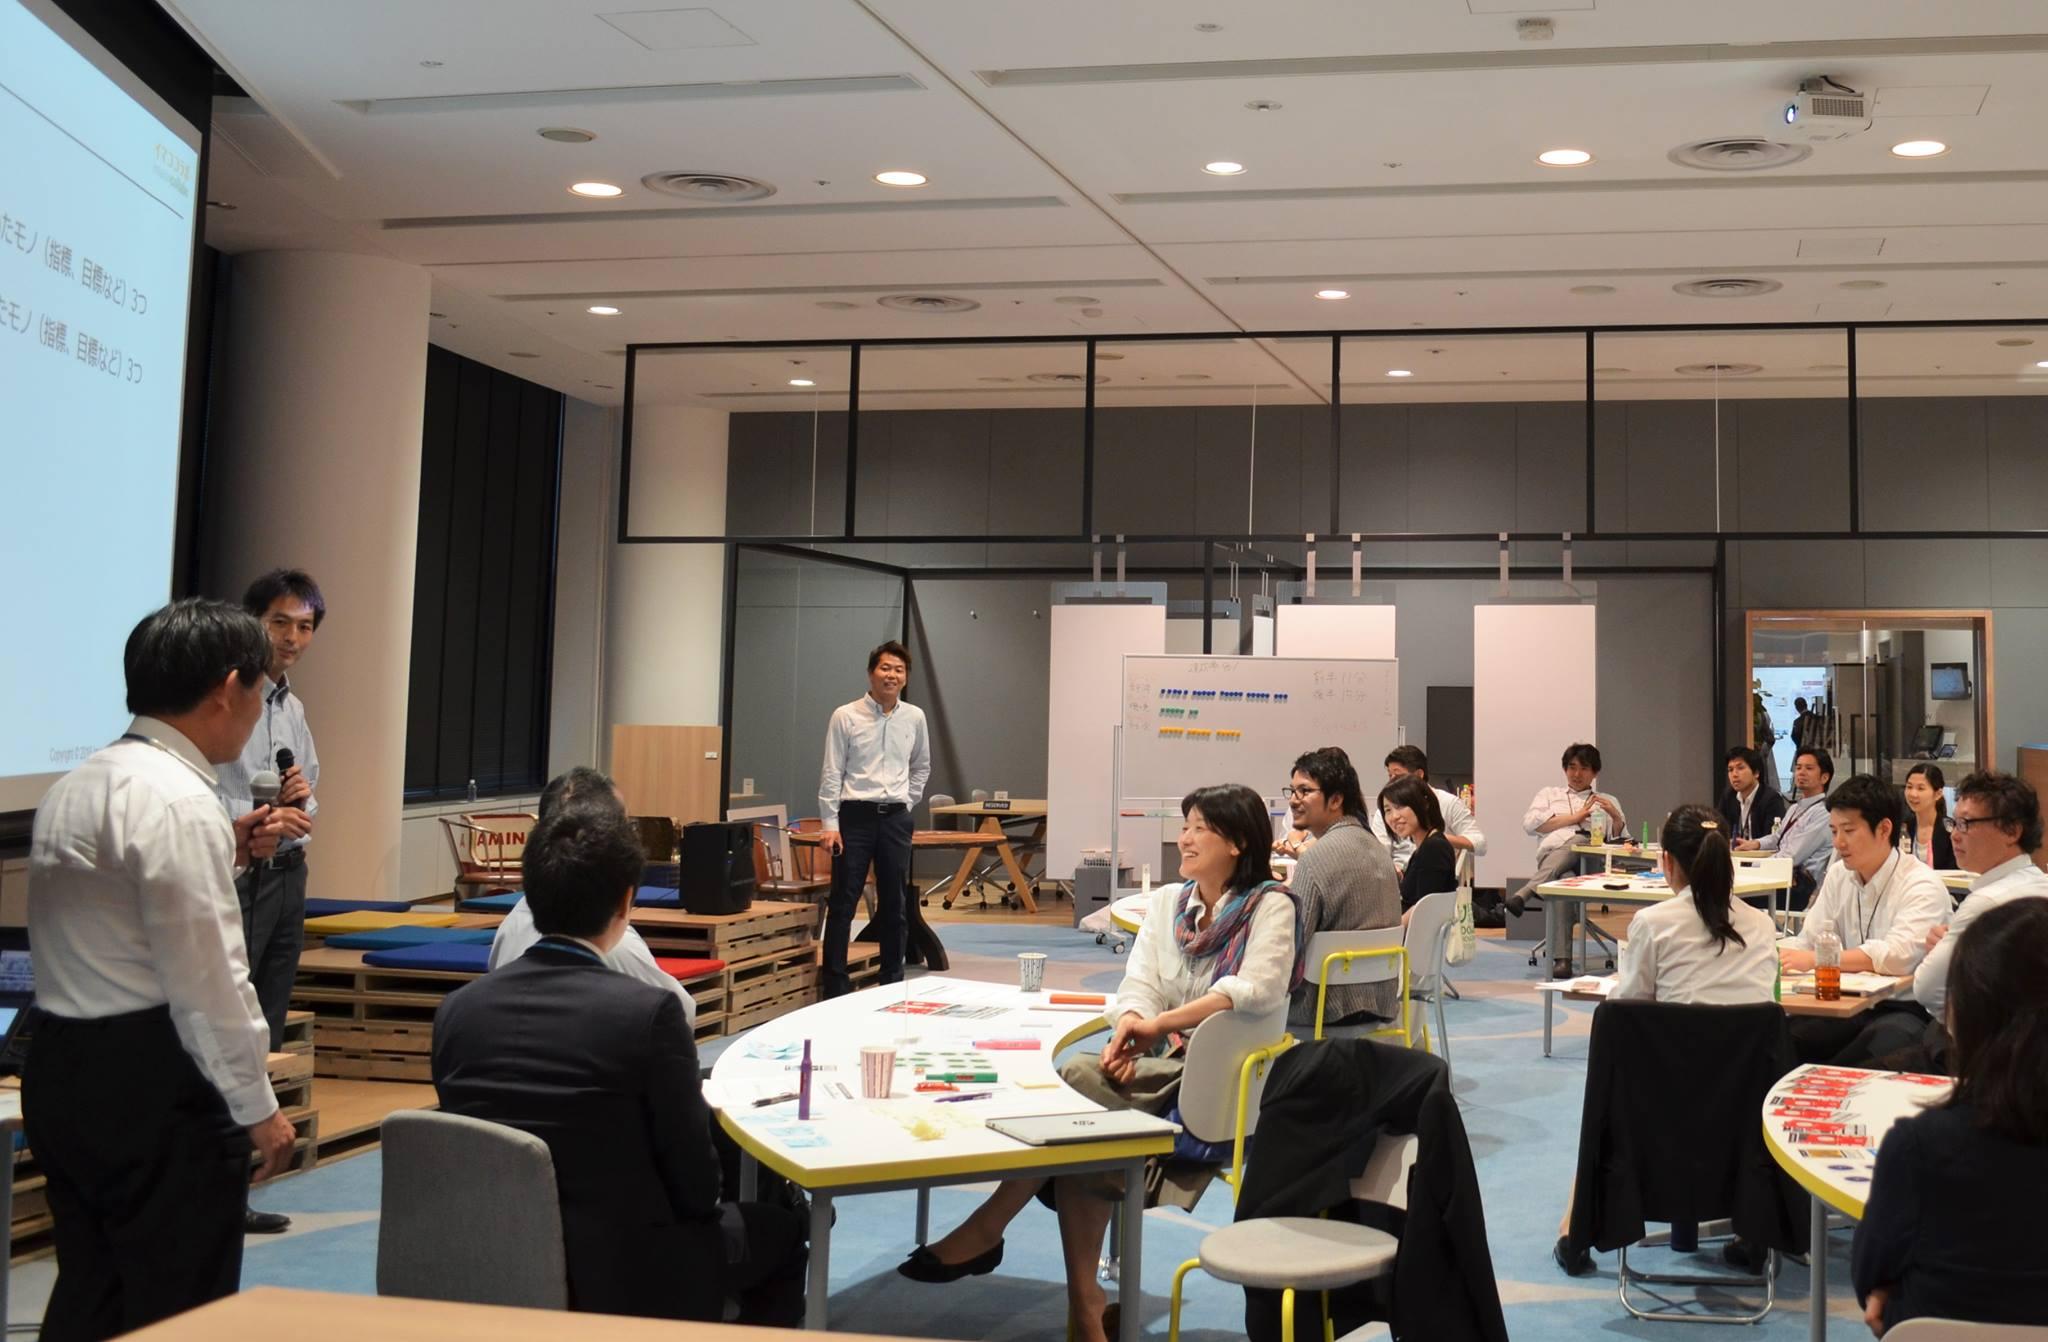 イマココラボ主催:企業内でSDGsを推進する方、人材育成する方のためのセミナー(経企・事業部・人事向け)